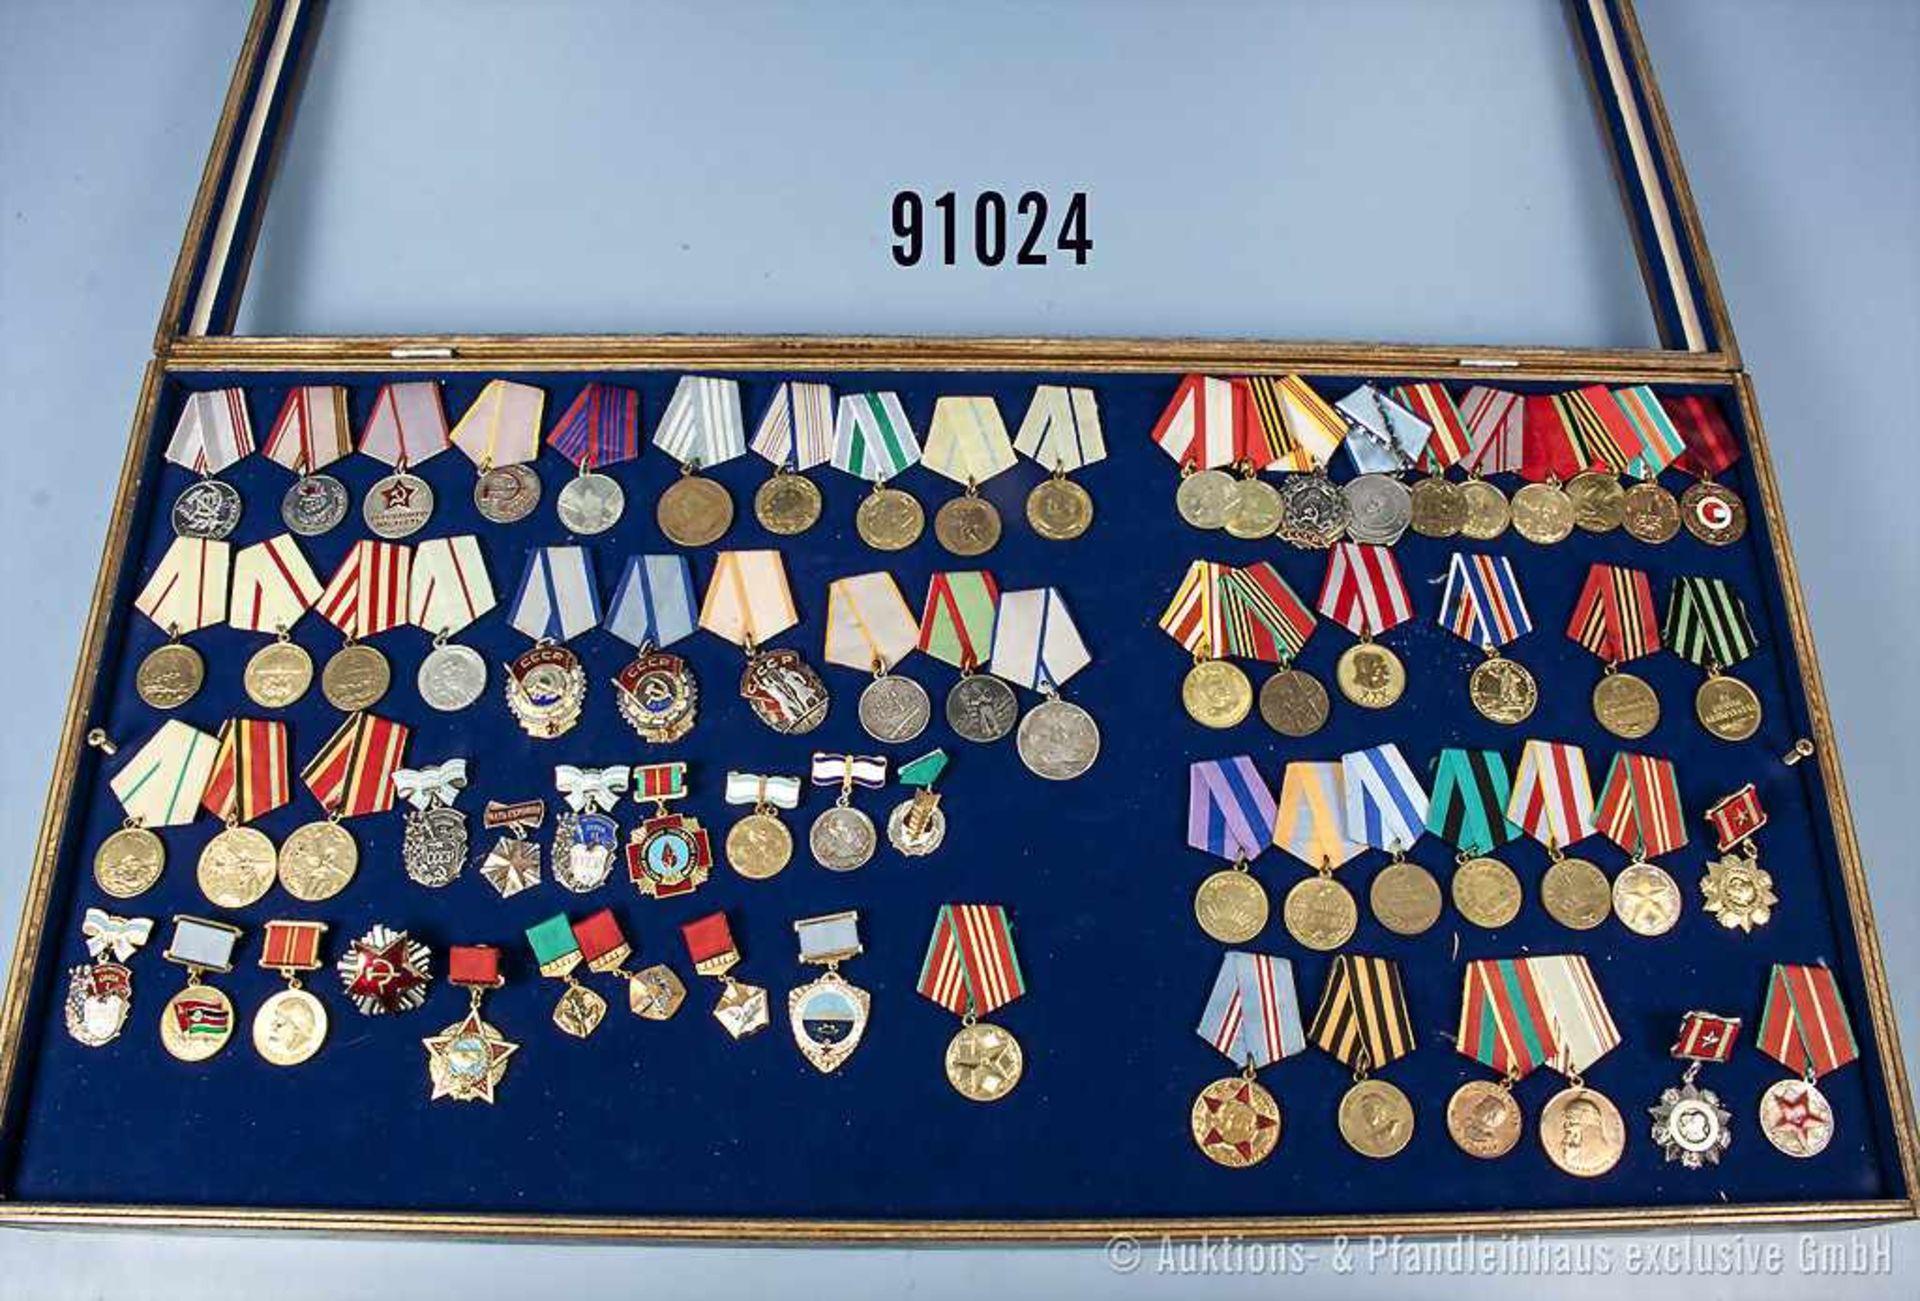 Konv. 69 Orden UdSSR, u.a. Verteidigungsmedaillen (Odessa, Leningrad, Moskau, Sewastopol, Stalingrad